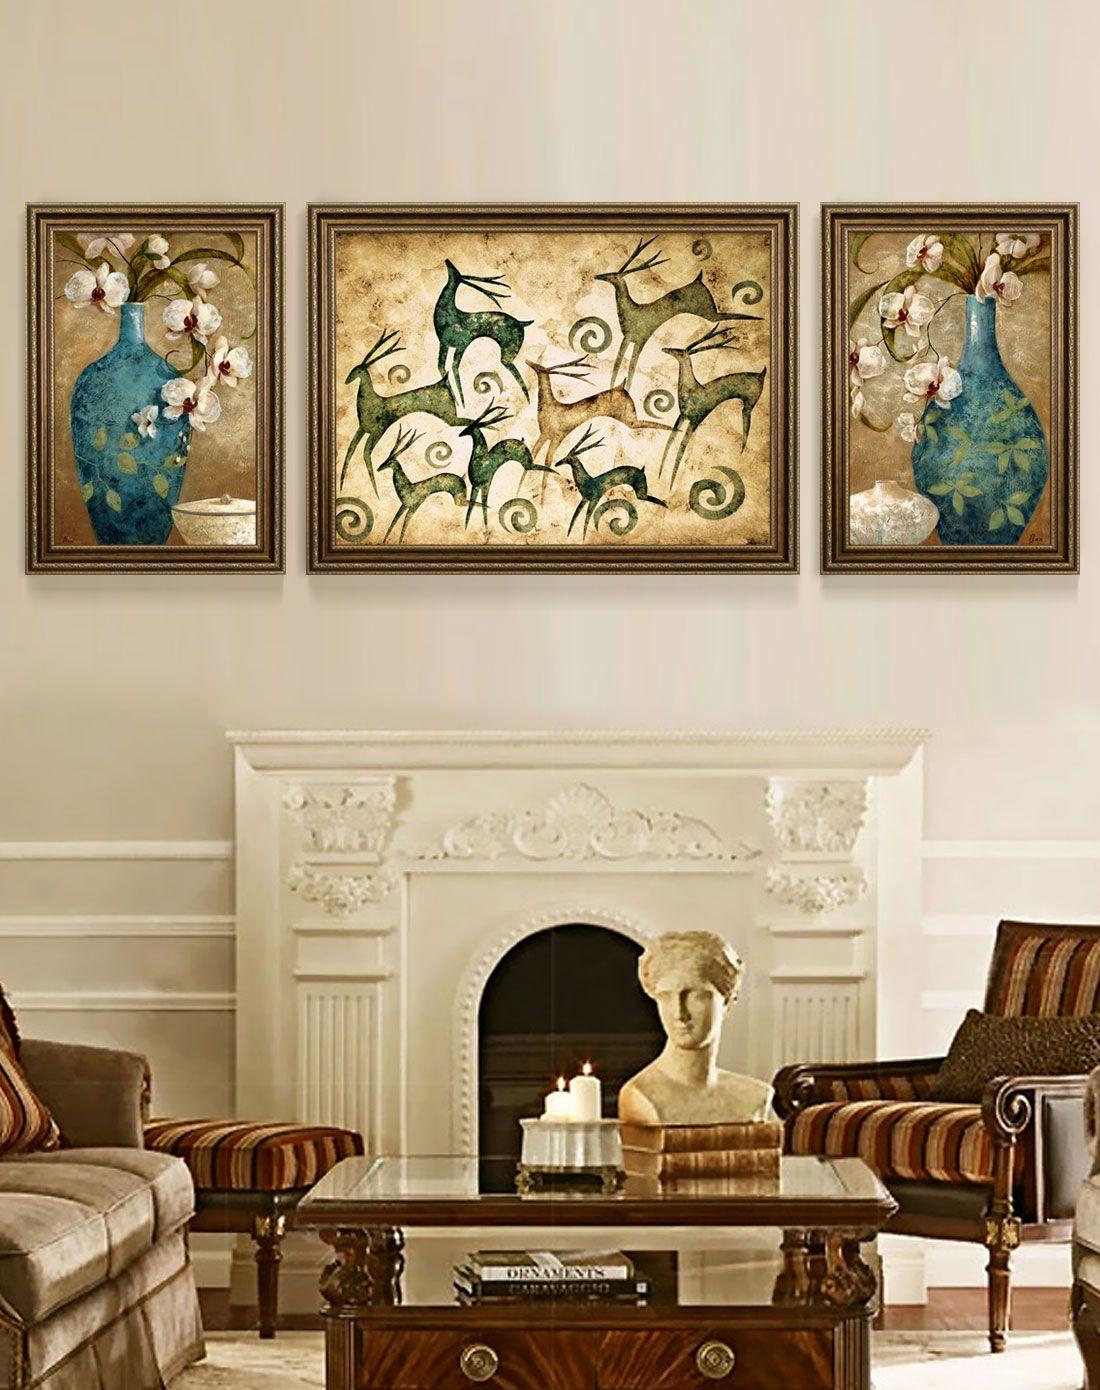 柠檬树家居装饰专场美式客厅高端装饰画